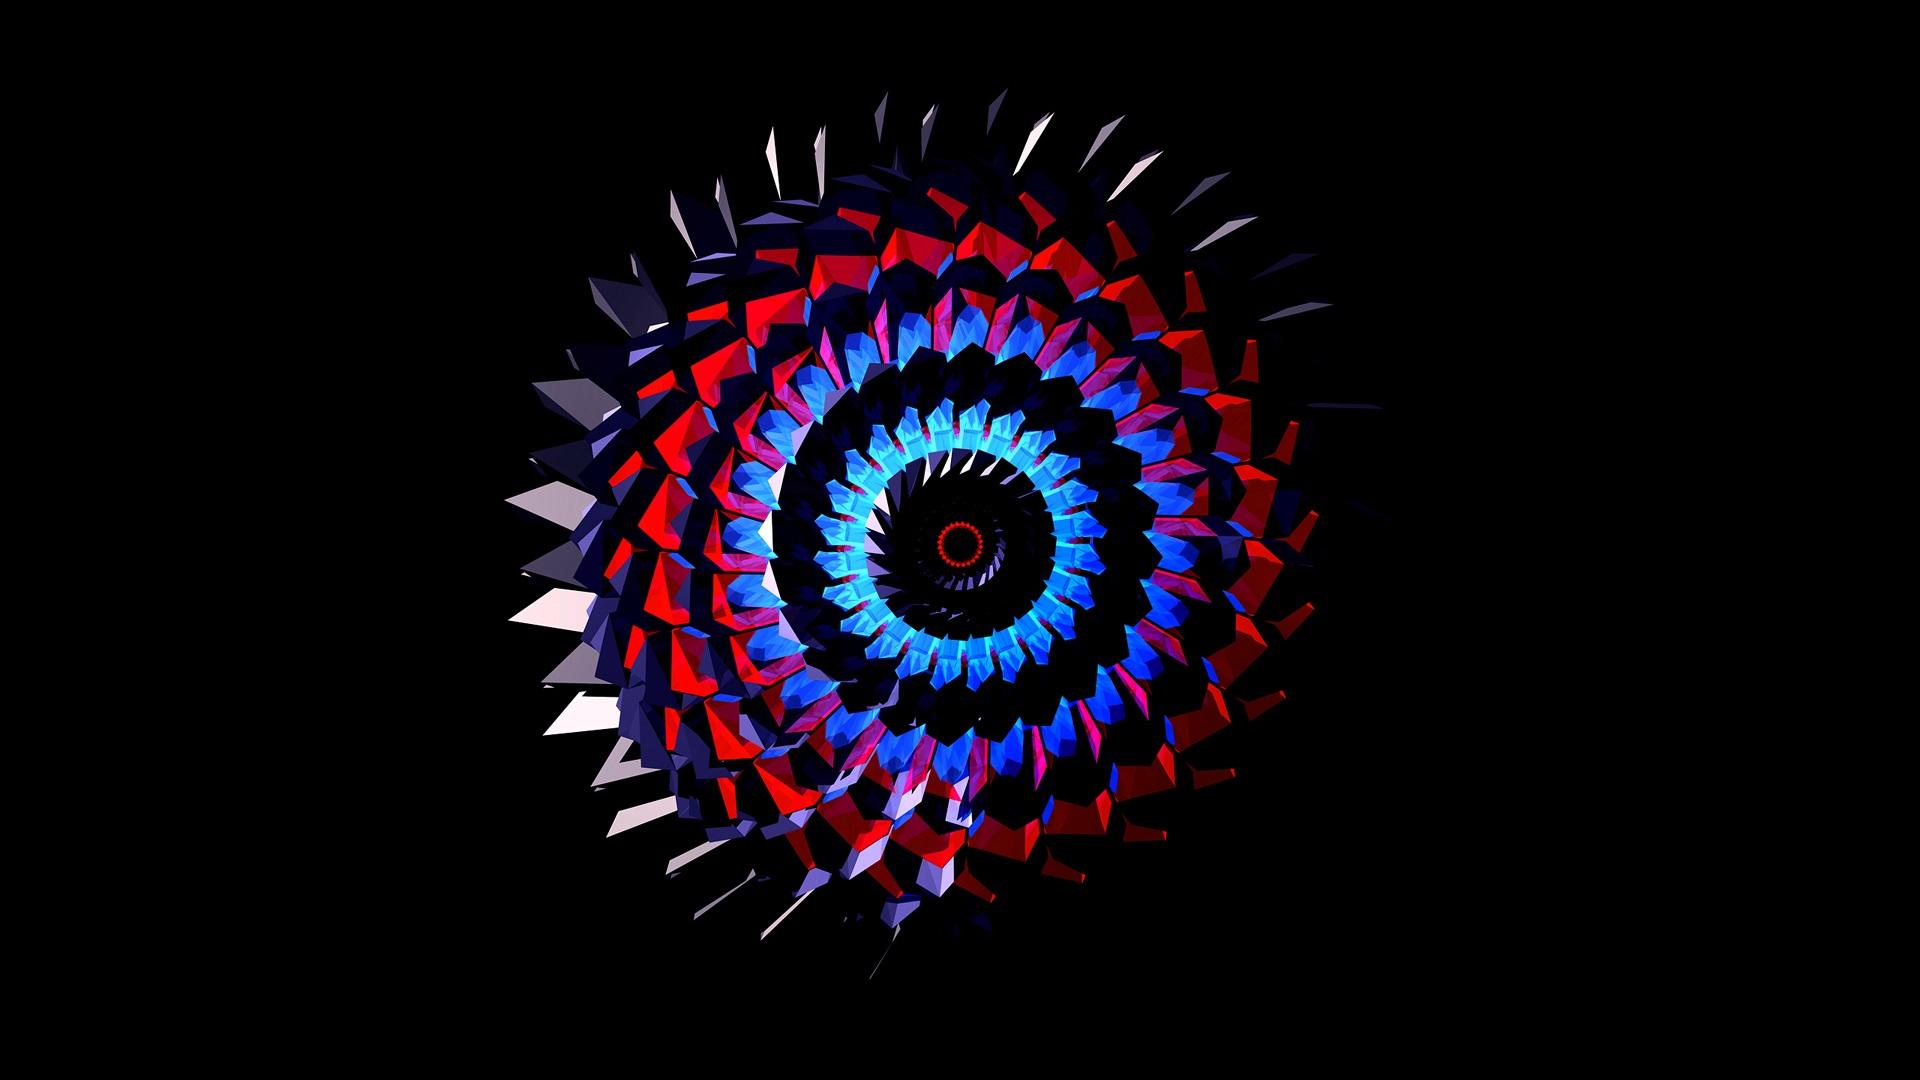 1920x1080 Abstracto Full Hd 1920x1080: Fondos De Pantalla Modelo Abstracto, Espiral, Fondo De